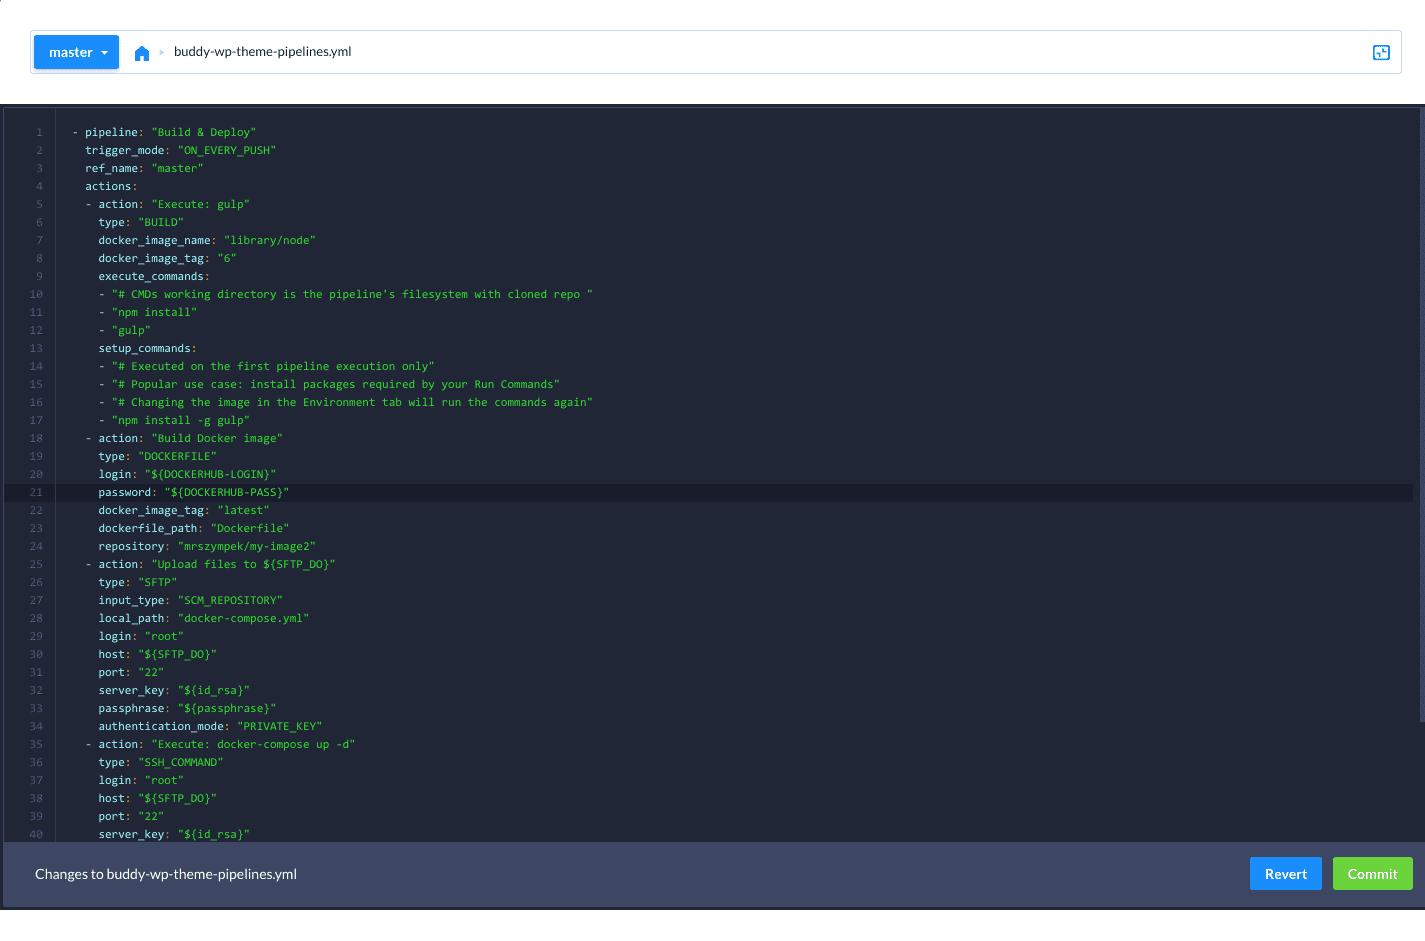 Pipeline configuration file